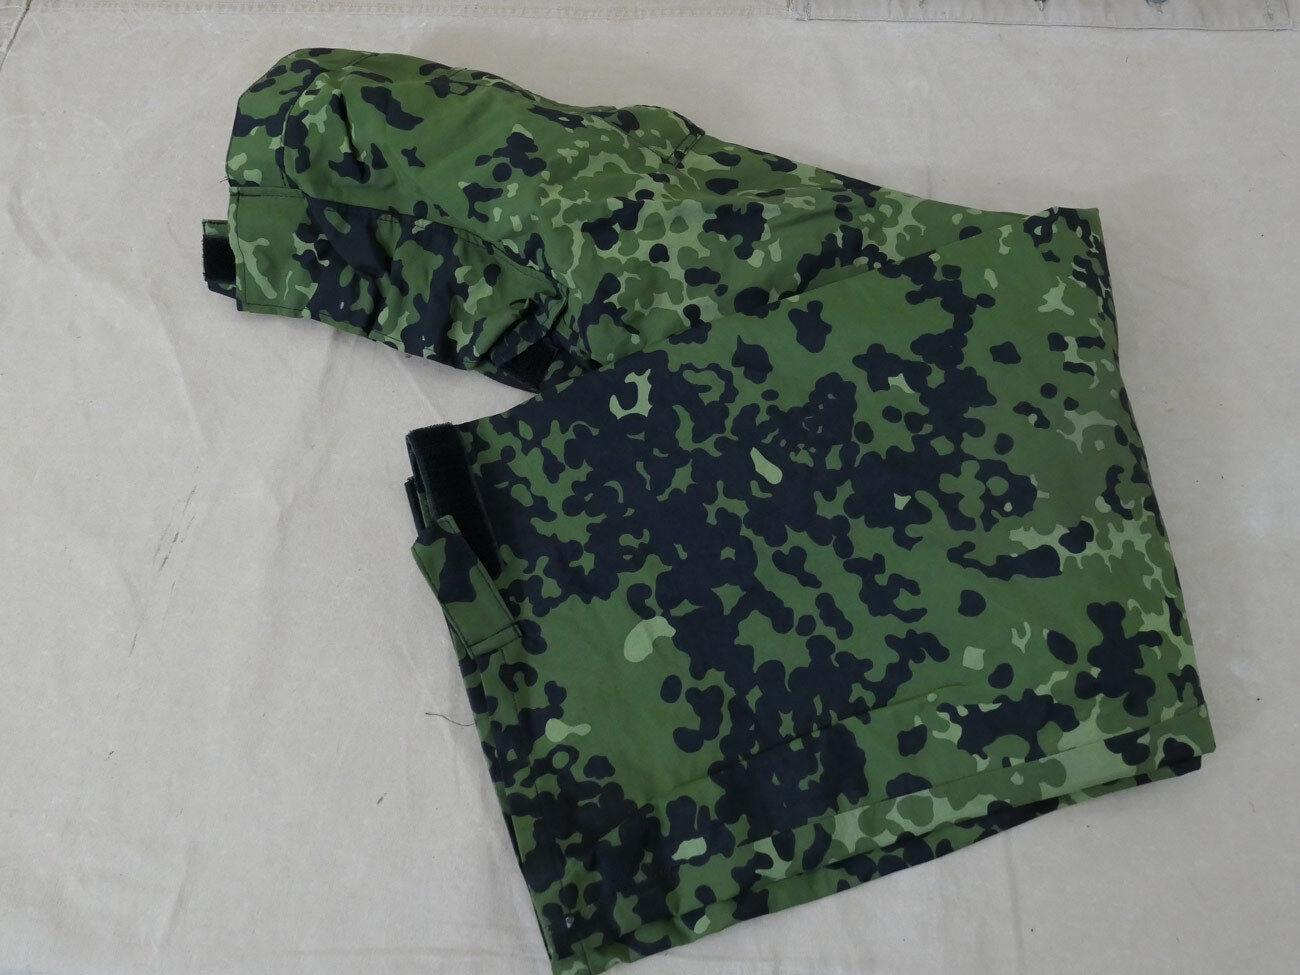 740 TG S-Danimarca GORE-TEX Protezione umidità Pantaloni FLECKTARN HMAK 2000 Pantaloni Pioggia